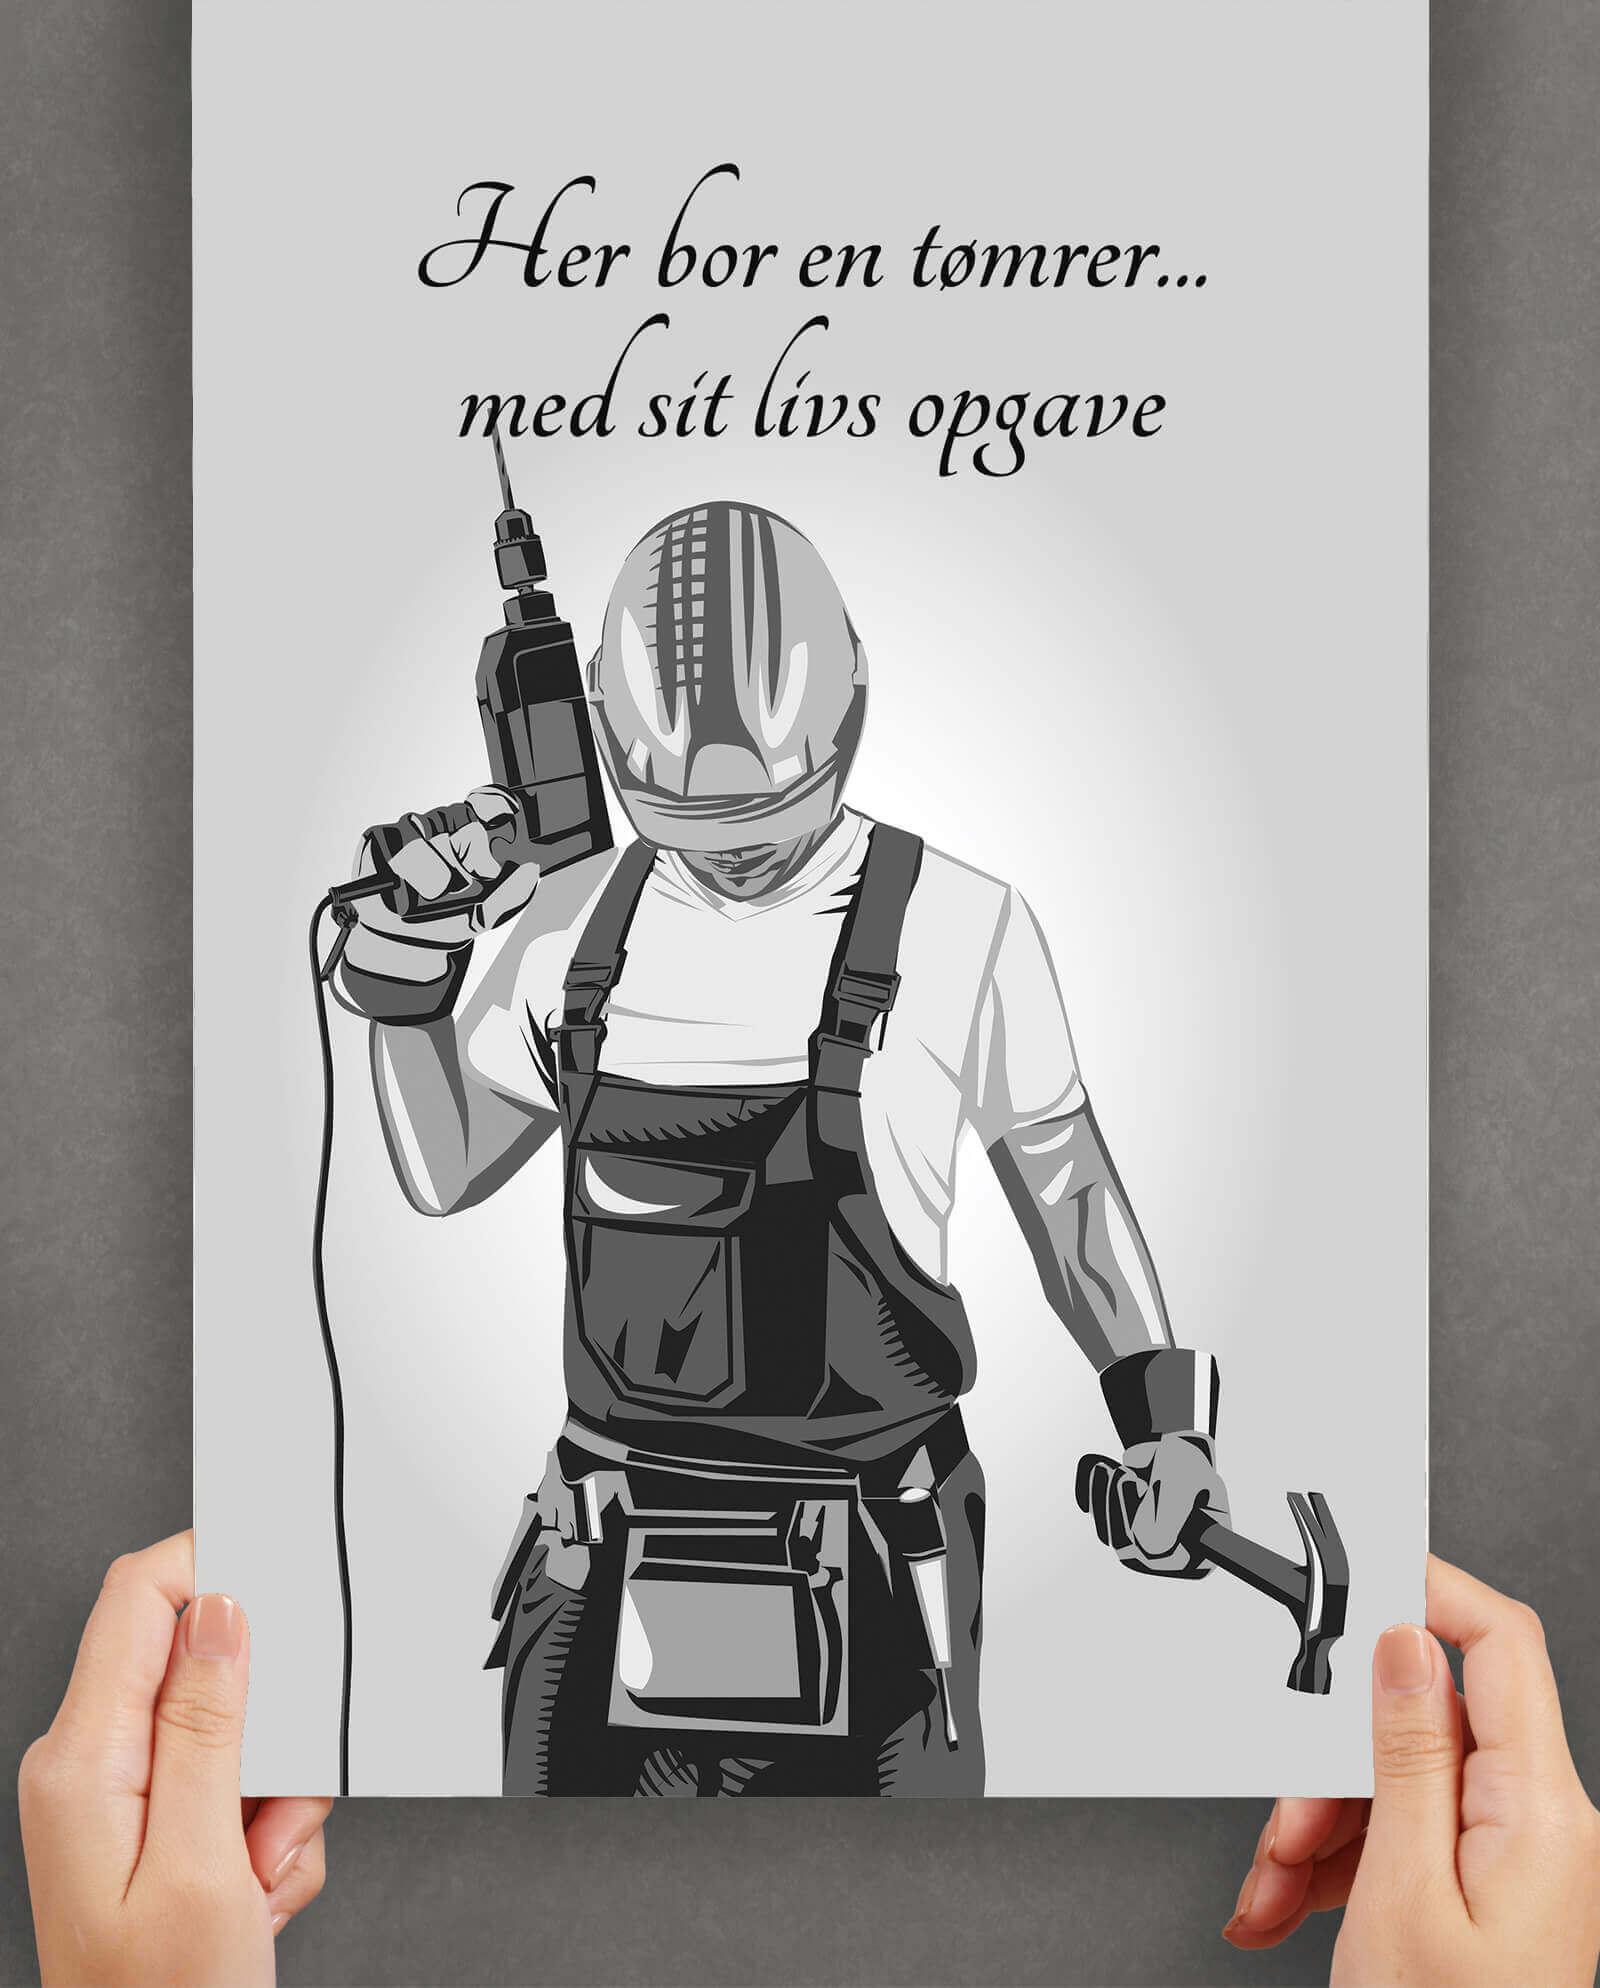 toemrer-job-plakat-2